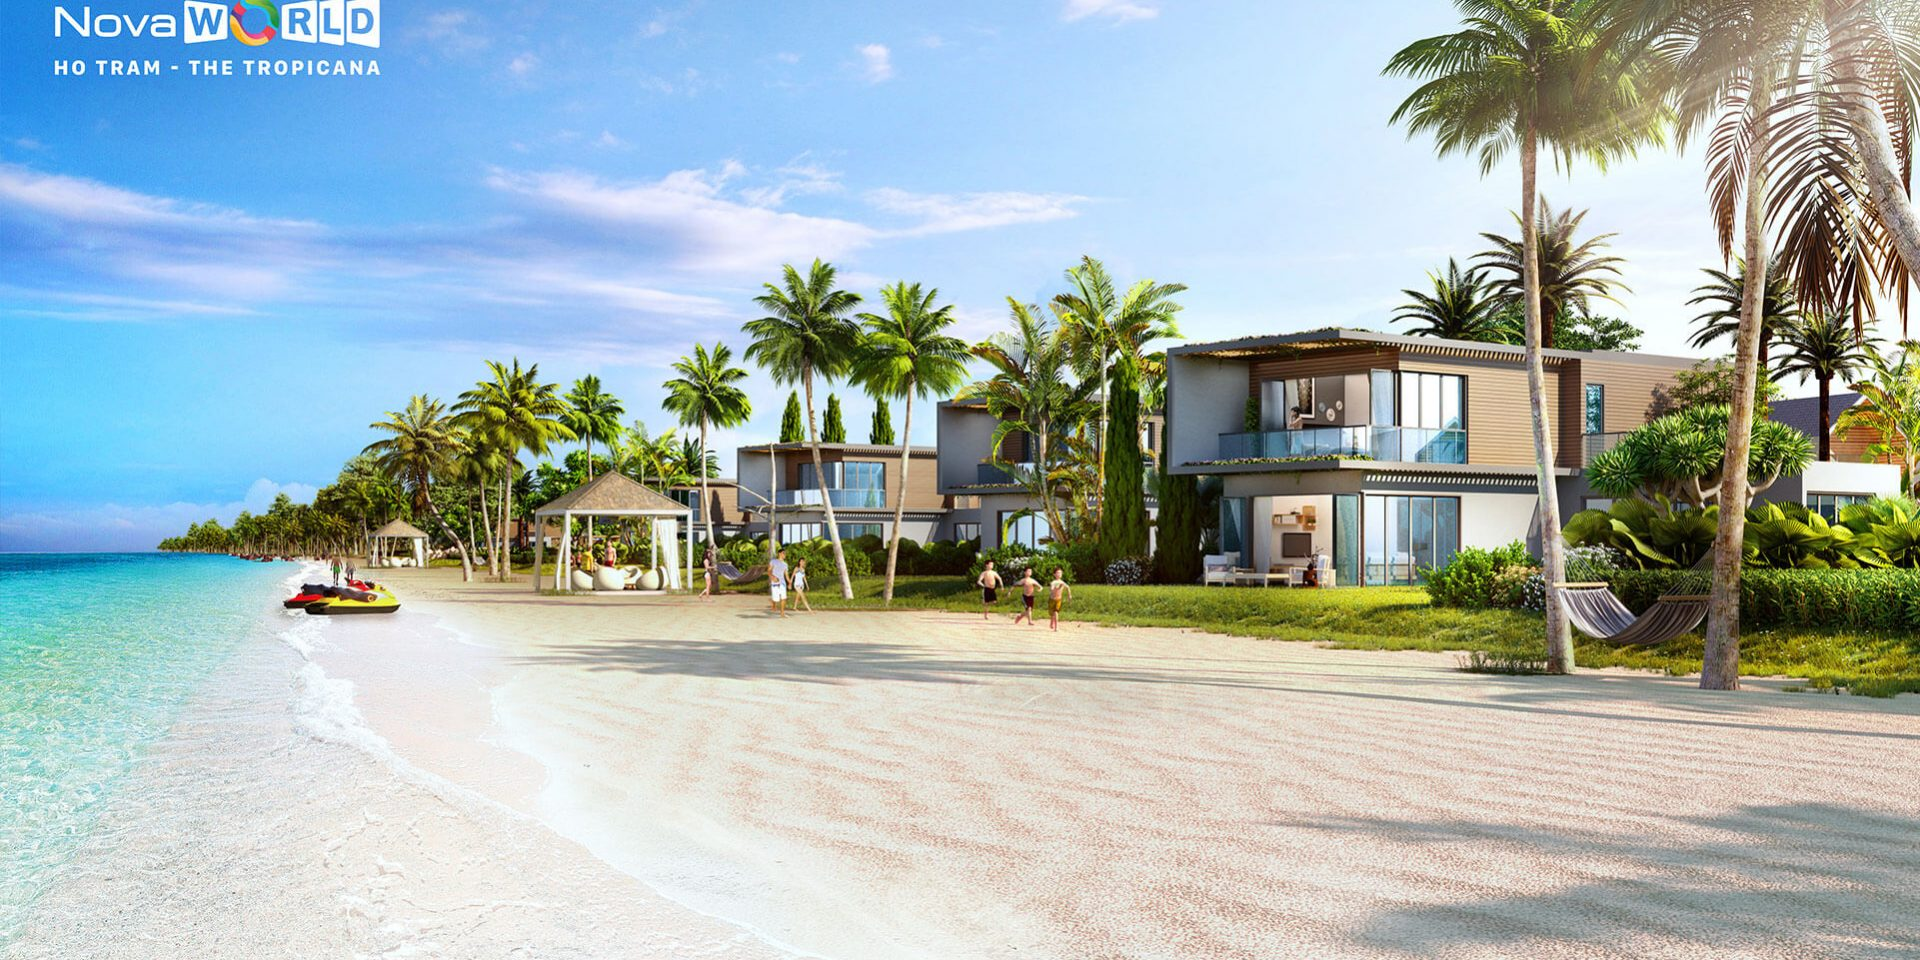 Dự án bất động sản nghỉ dưỡng NovaWorld Hồ Tràm